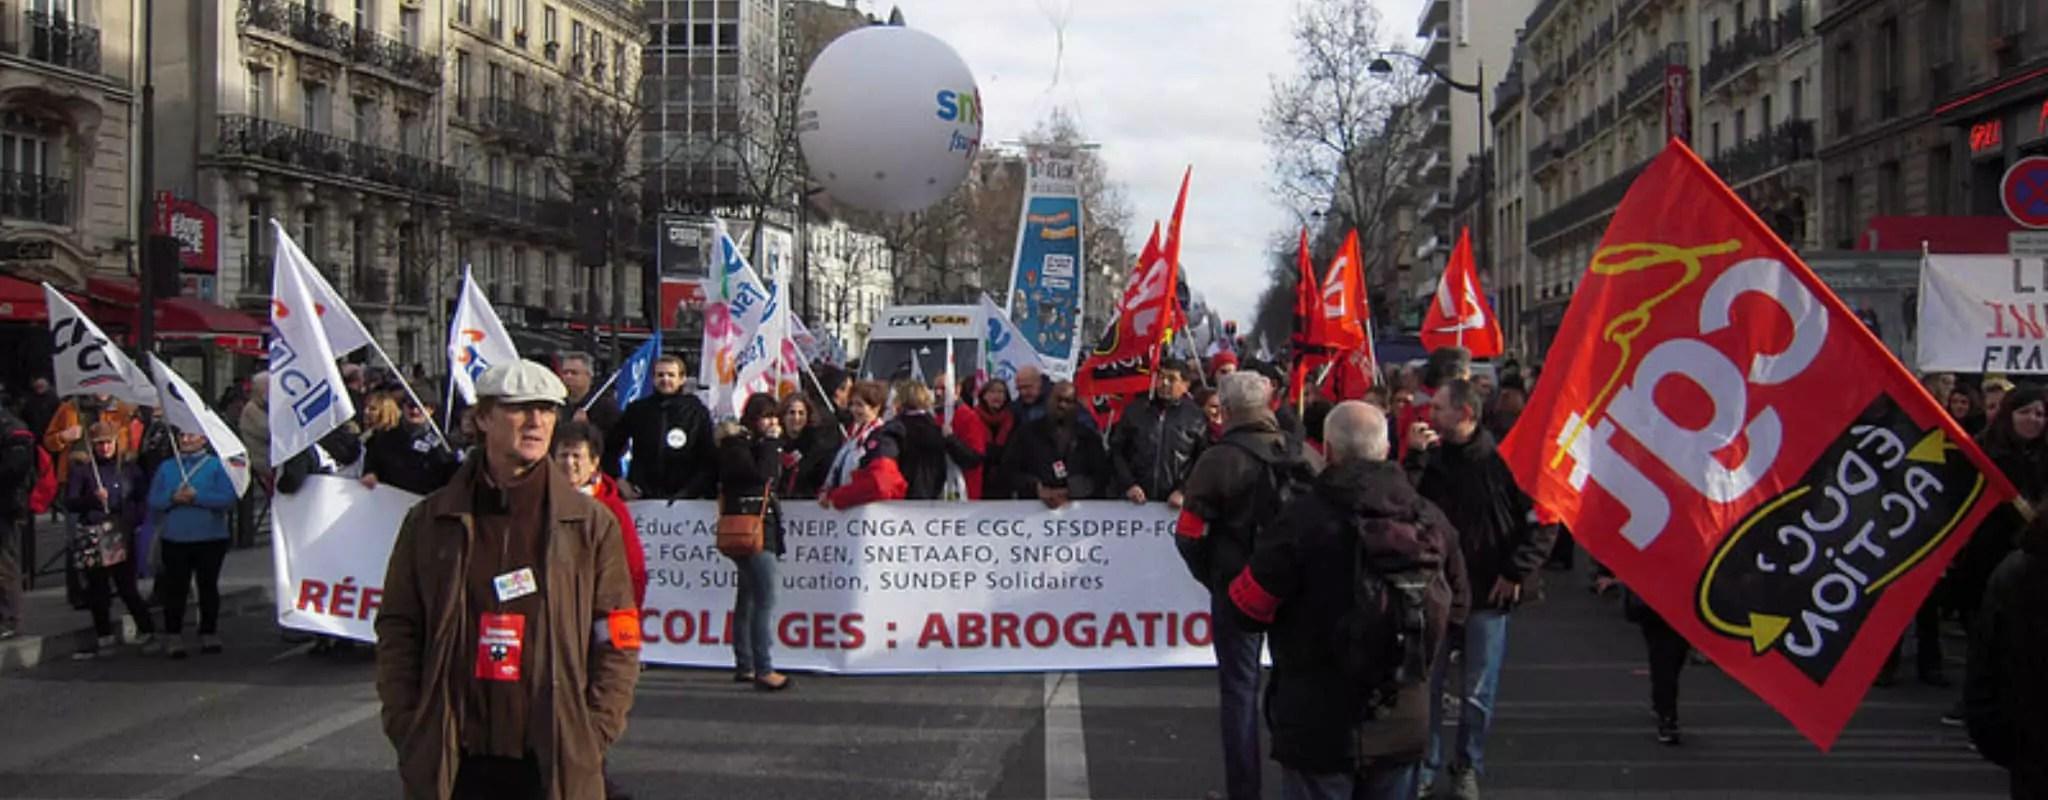 Grève dans la fonction publique les 7 et 8 mars : perturbations dans les écoles